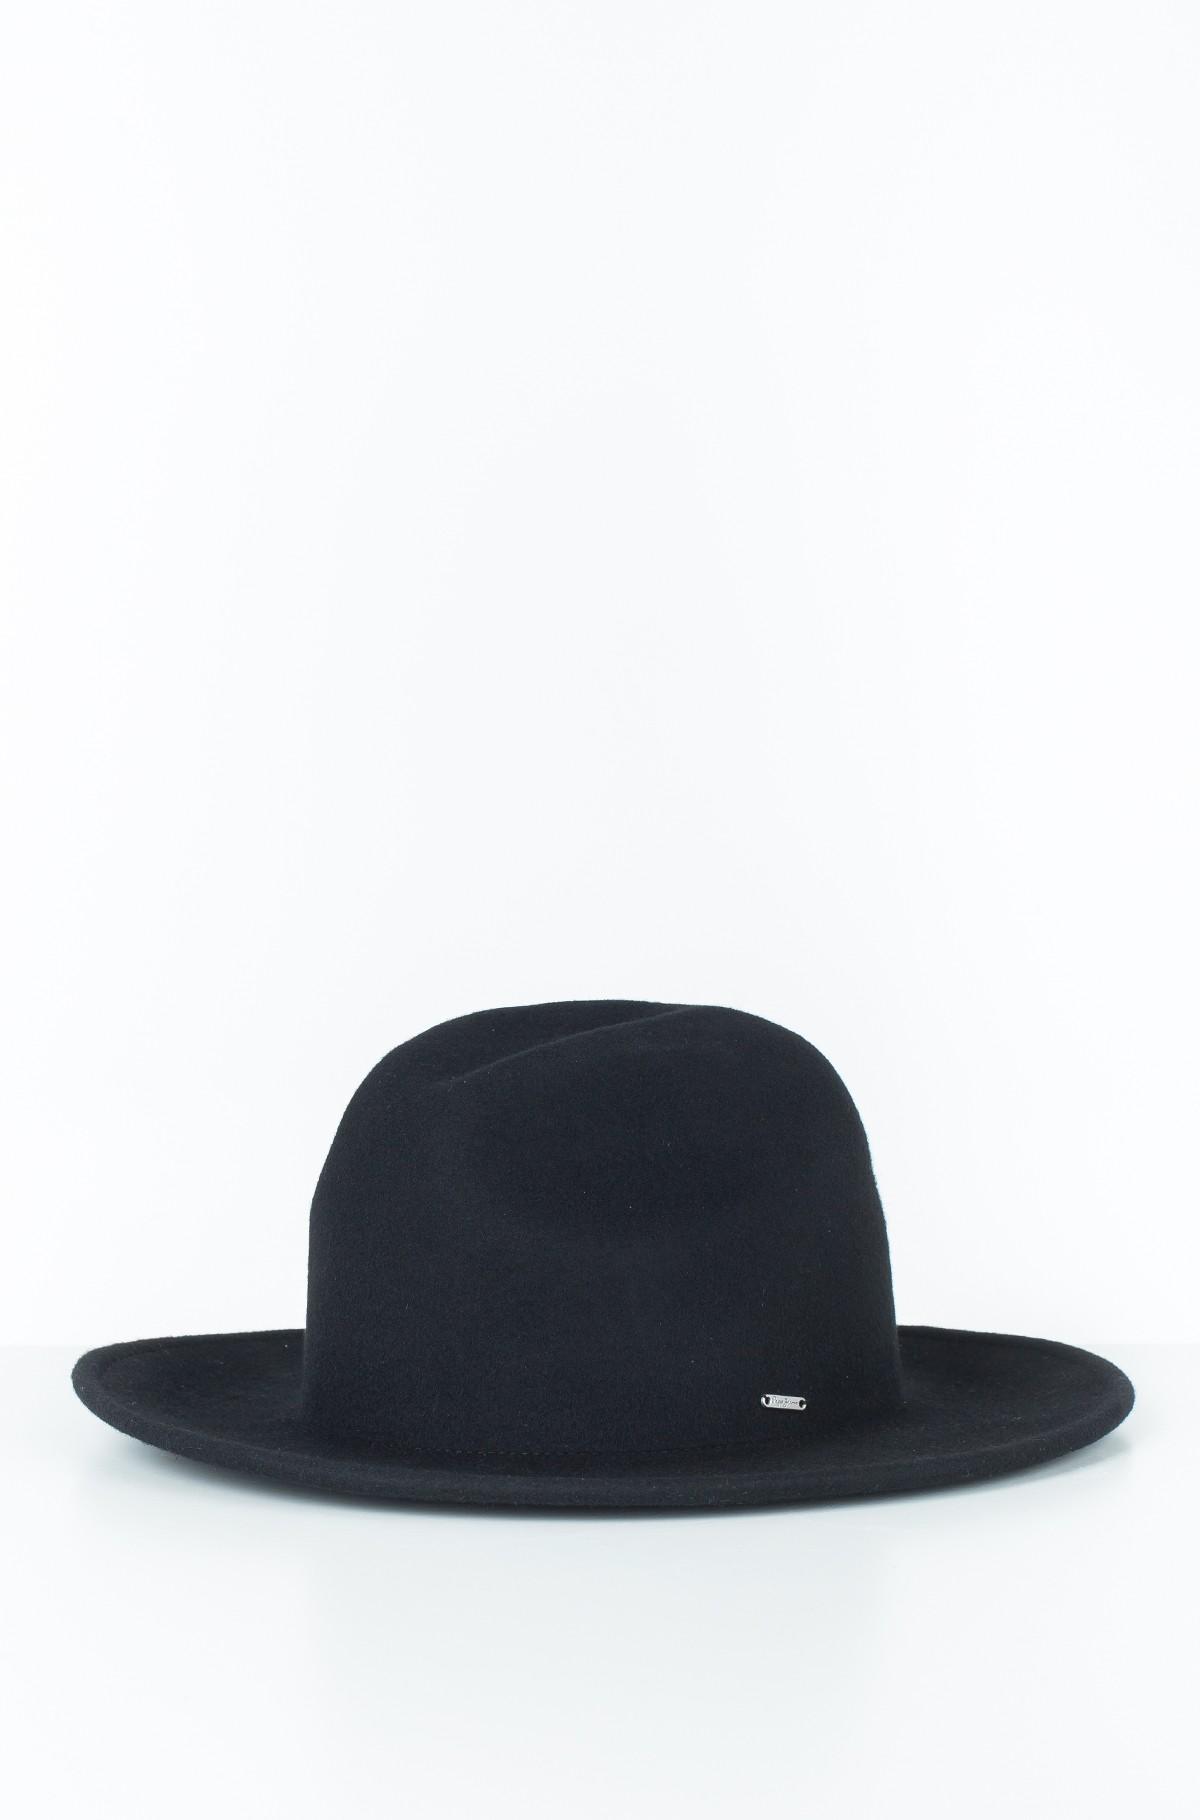 Skrybėlė  PHILANA HAT/PL040274-full-1